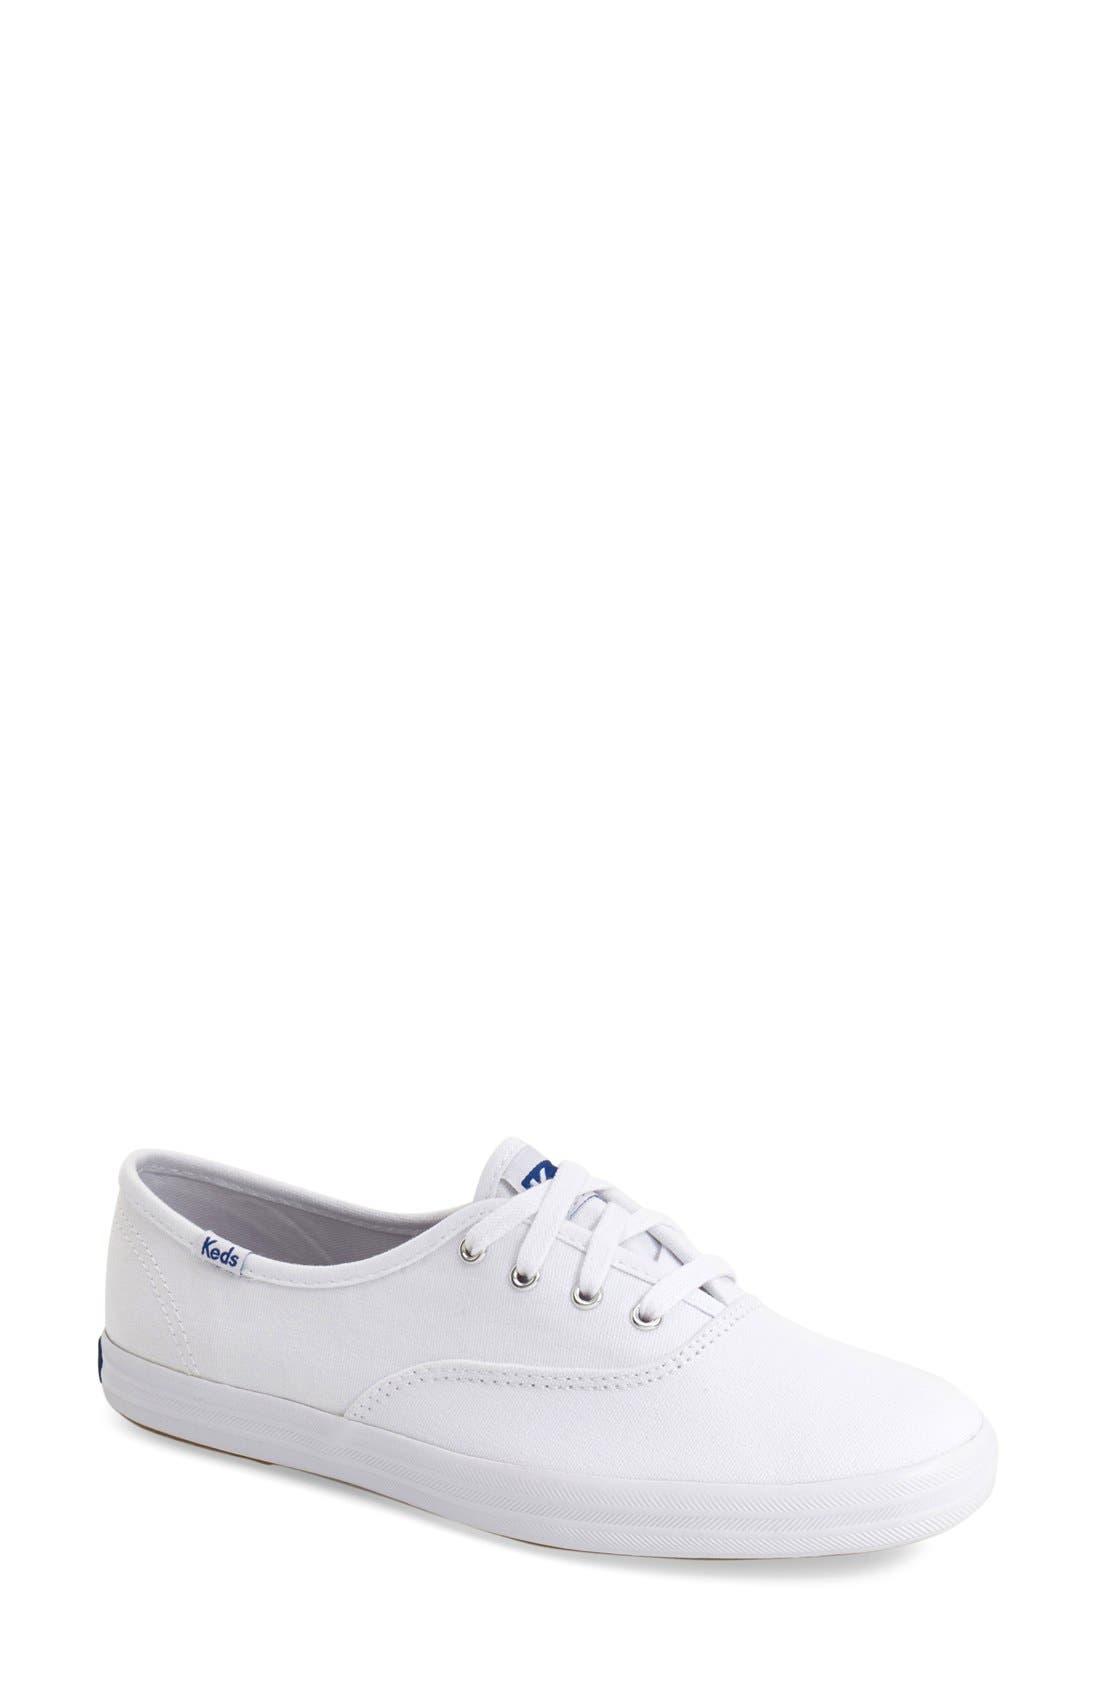 AUTHENTIC - Sneaker low - bright white /vintage indigo Rabatt-Codes Online-Shopping Lieferung Frei Haus Mit Paypal NNZWfLi8CN